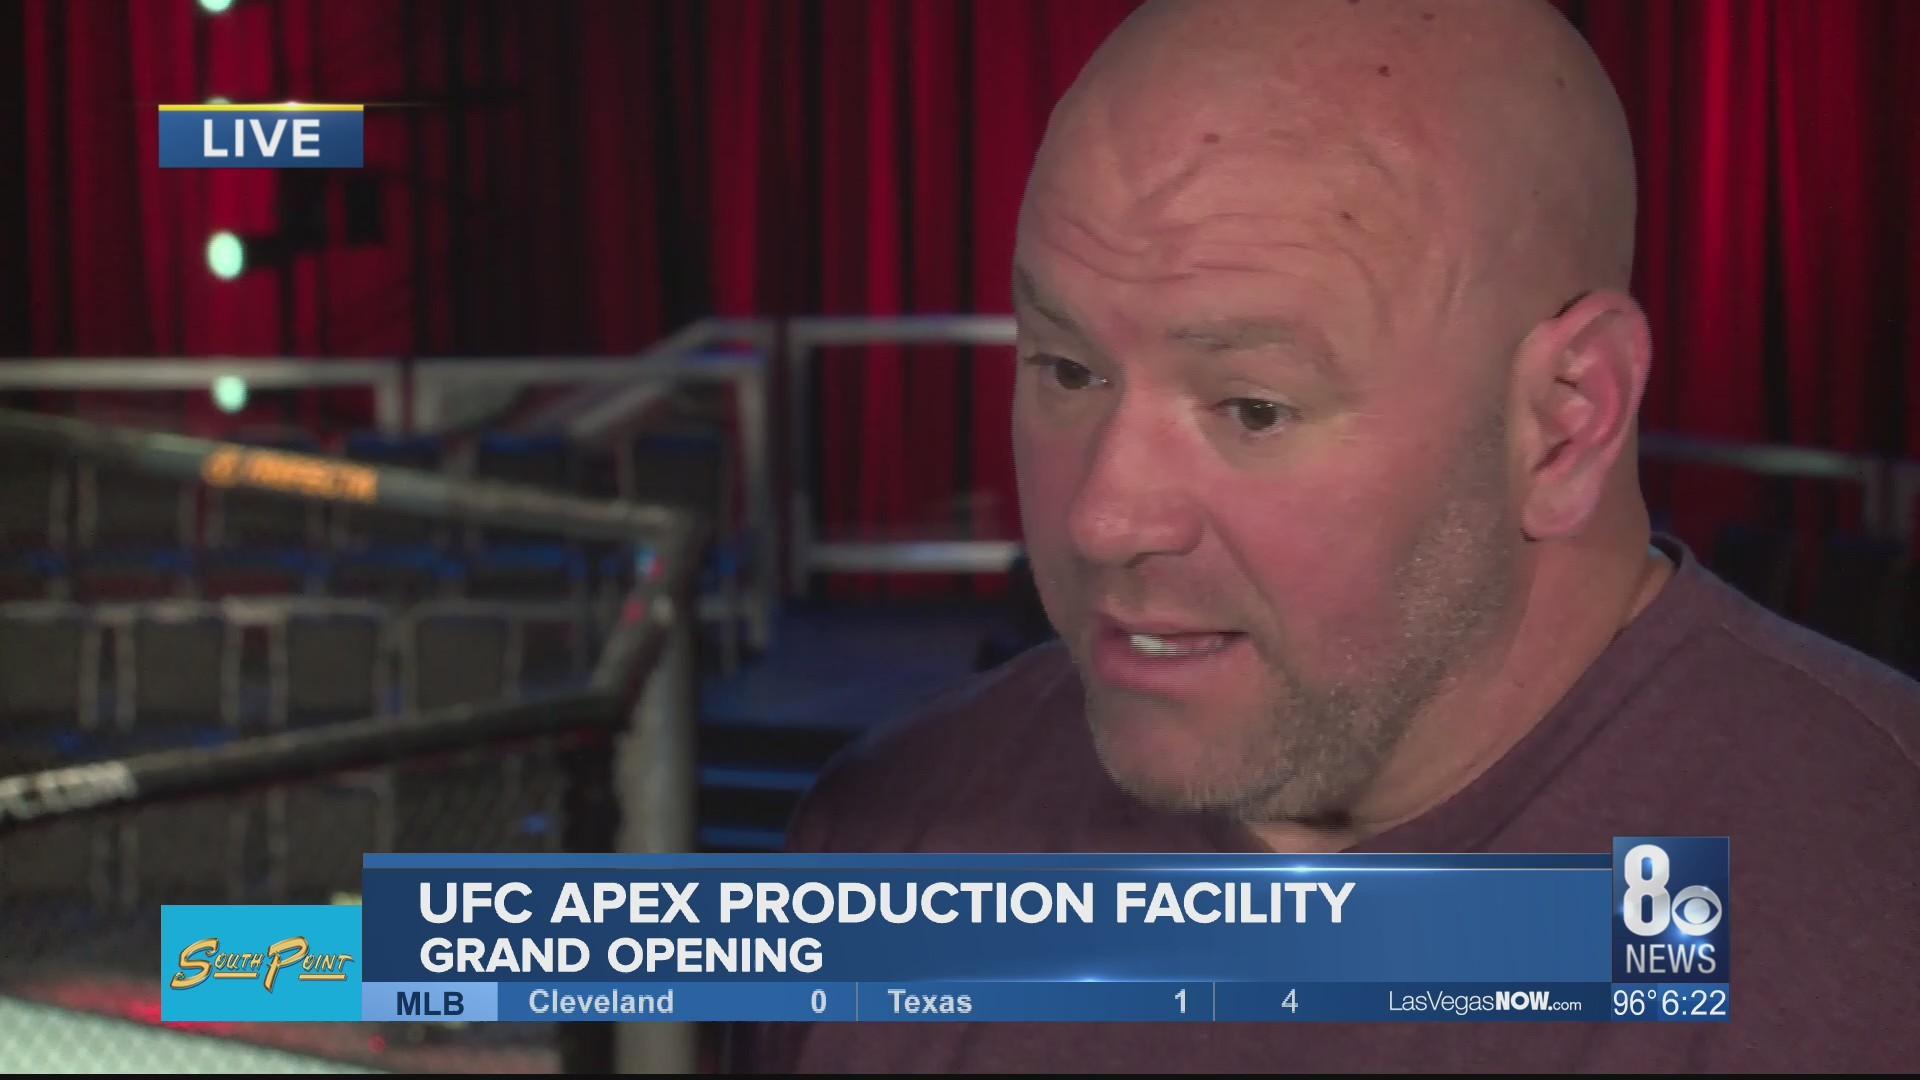 UFC_unveils_new_apex_production_facility_0_20190618013011